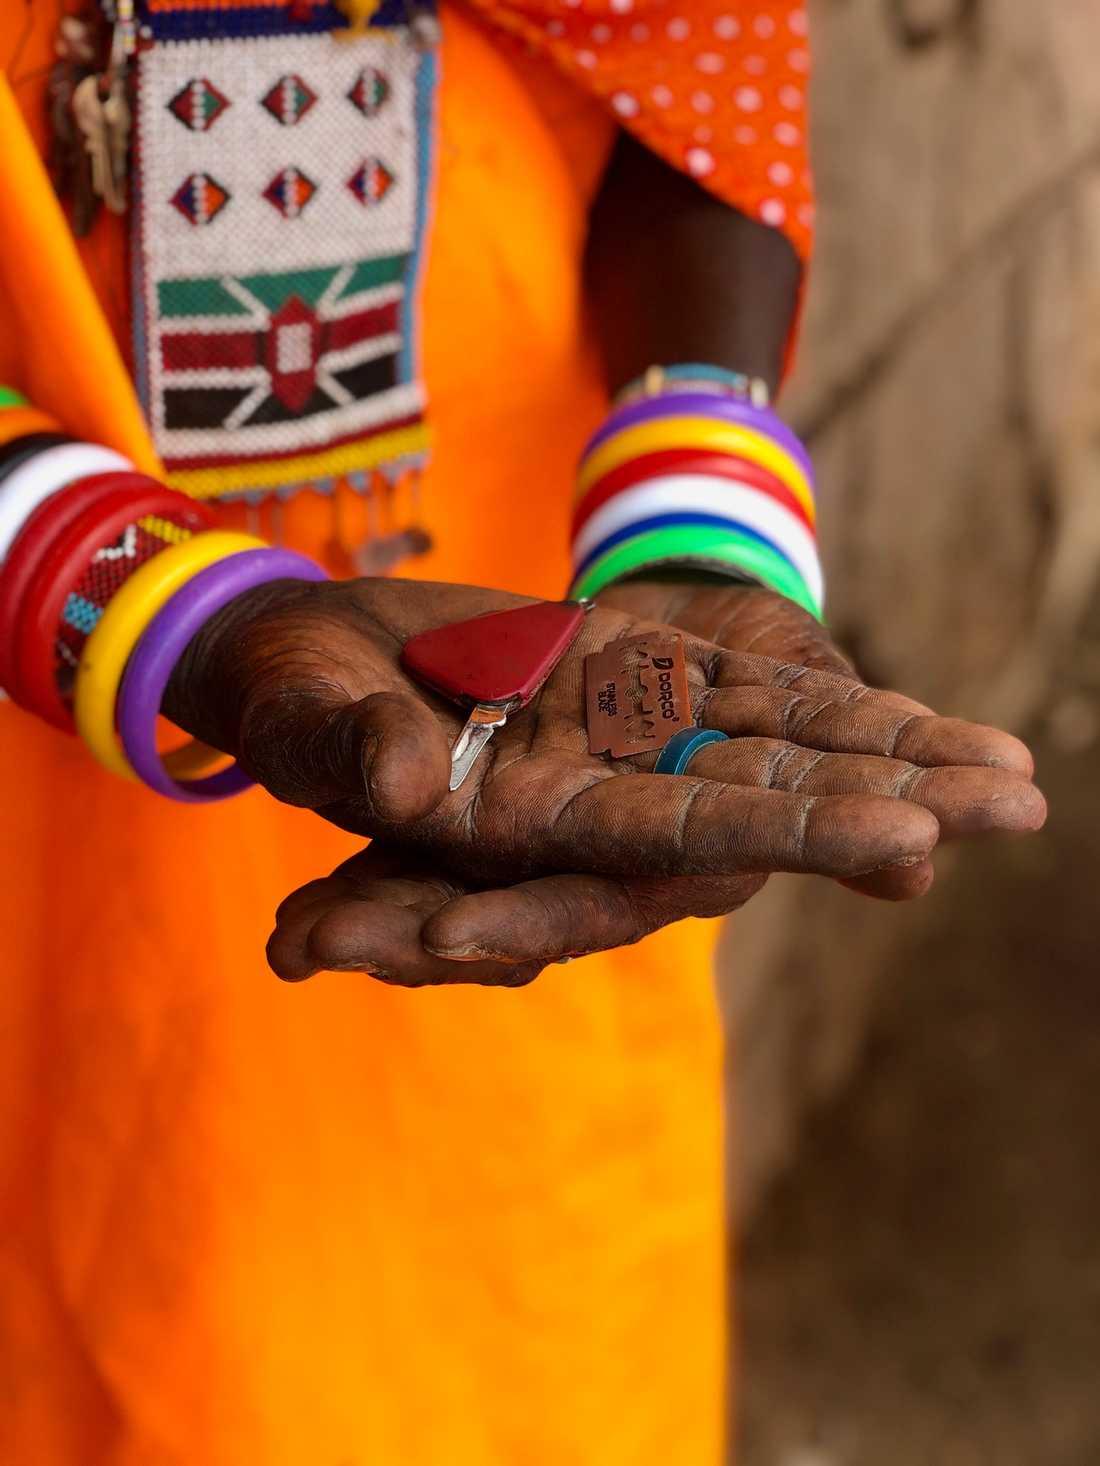 Könsstympningarna utförs oftast med redskap från hushållet och utan någon som helst bedövning. Här en fickkniv och ett rakblad som använts vid ingreppet.